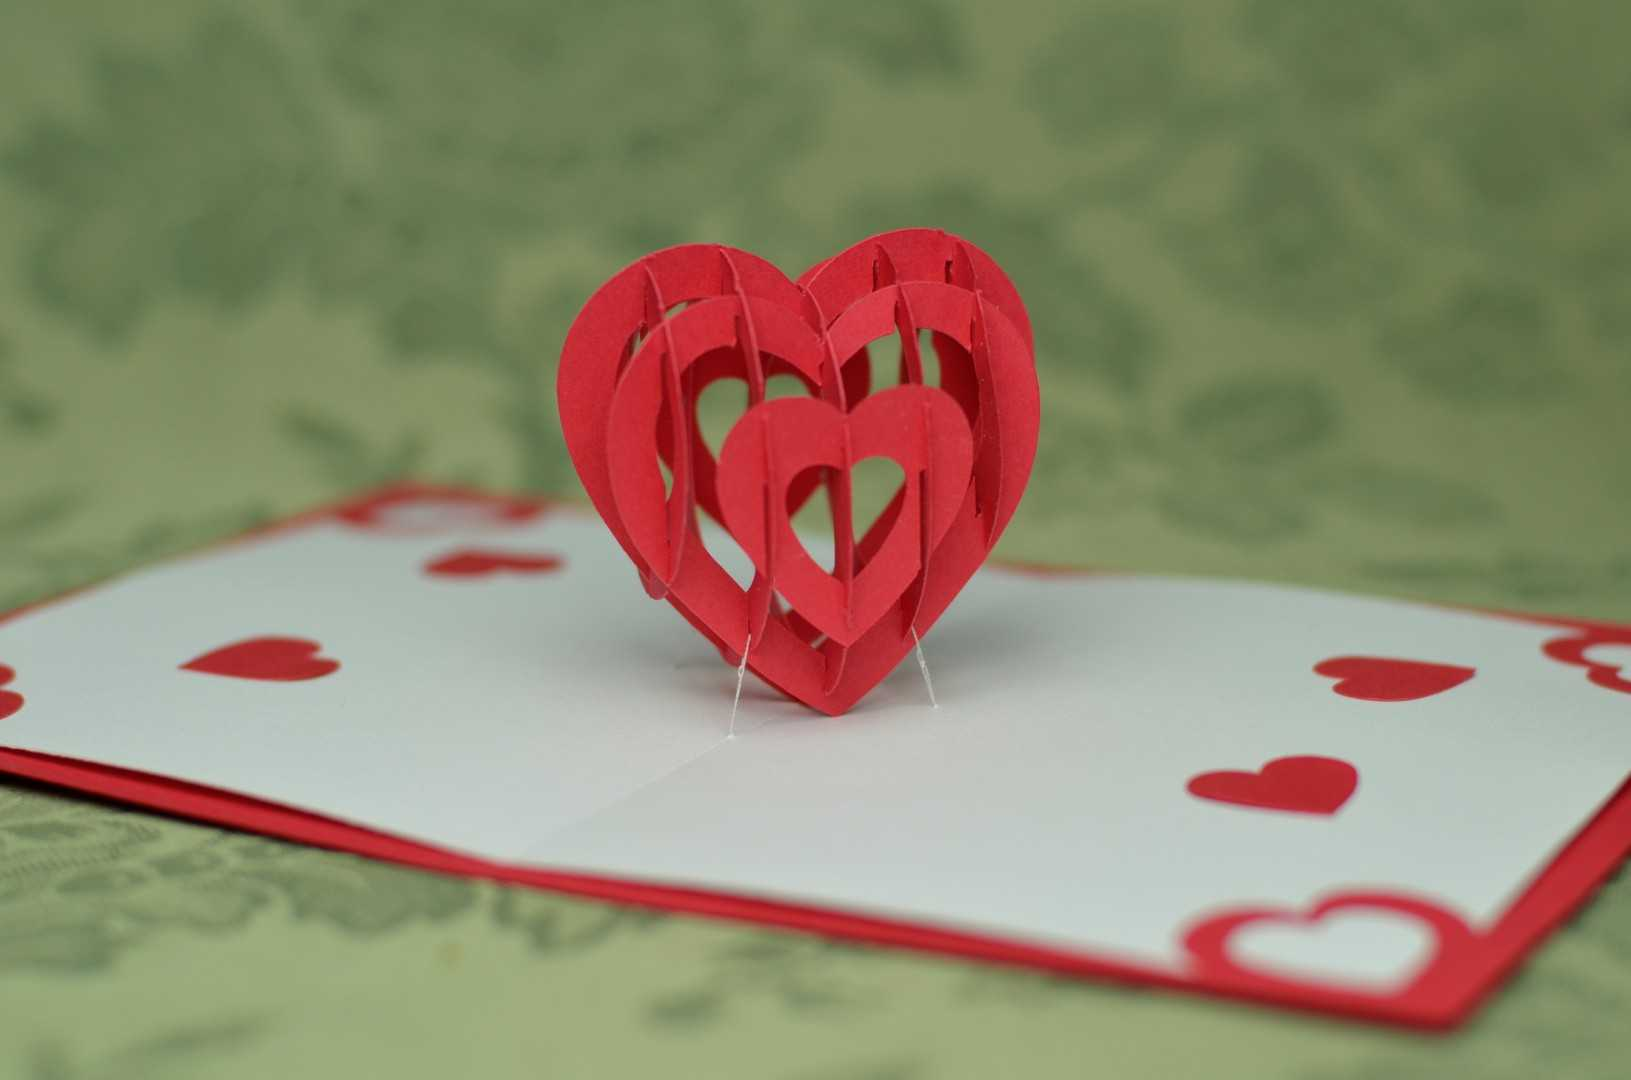 3D Heart Pop Up Card Template With Regard To 3D Heart Pop Up Card Template Pdf